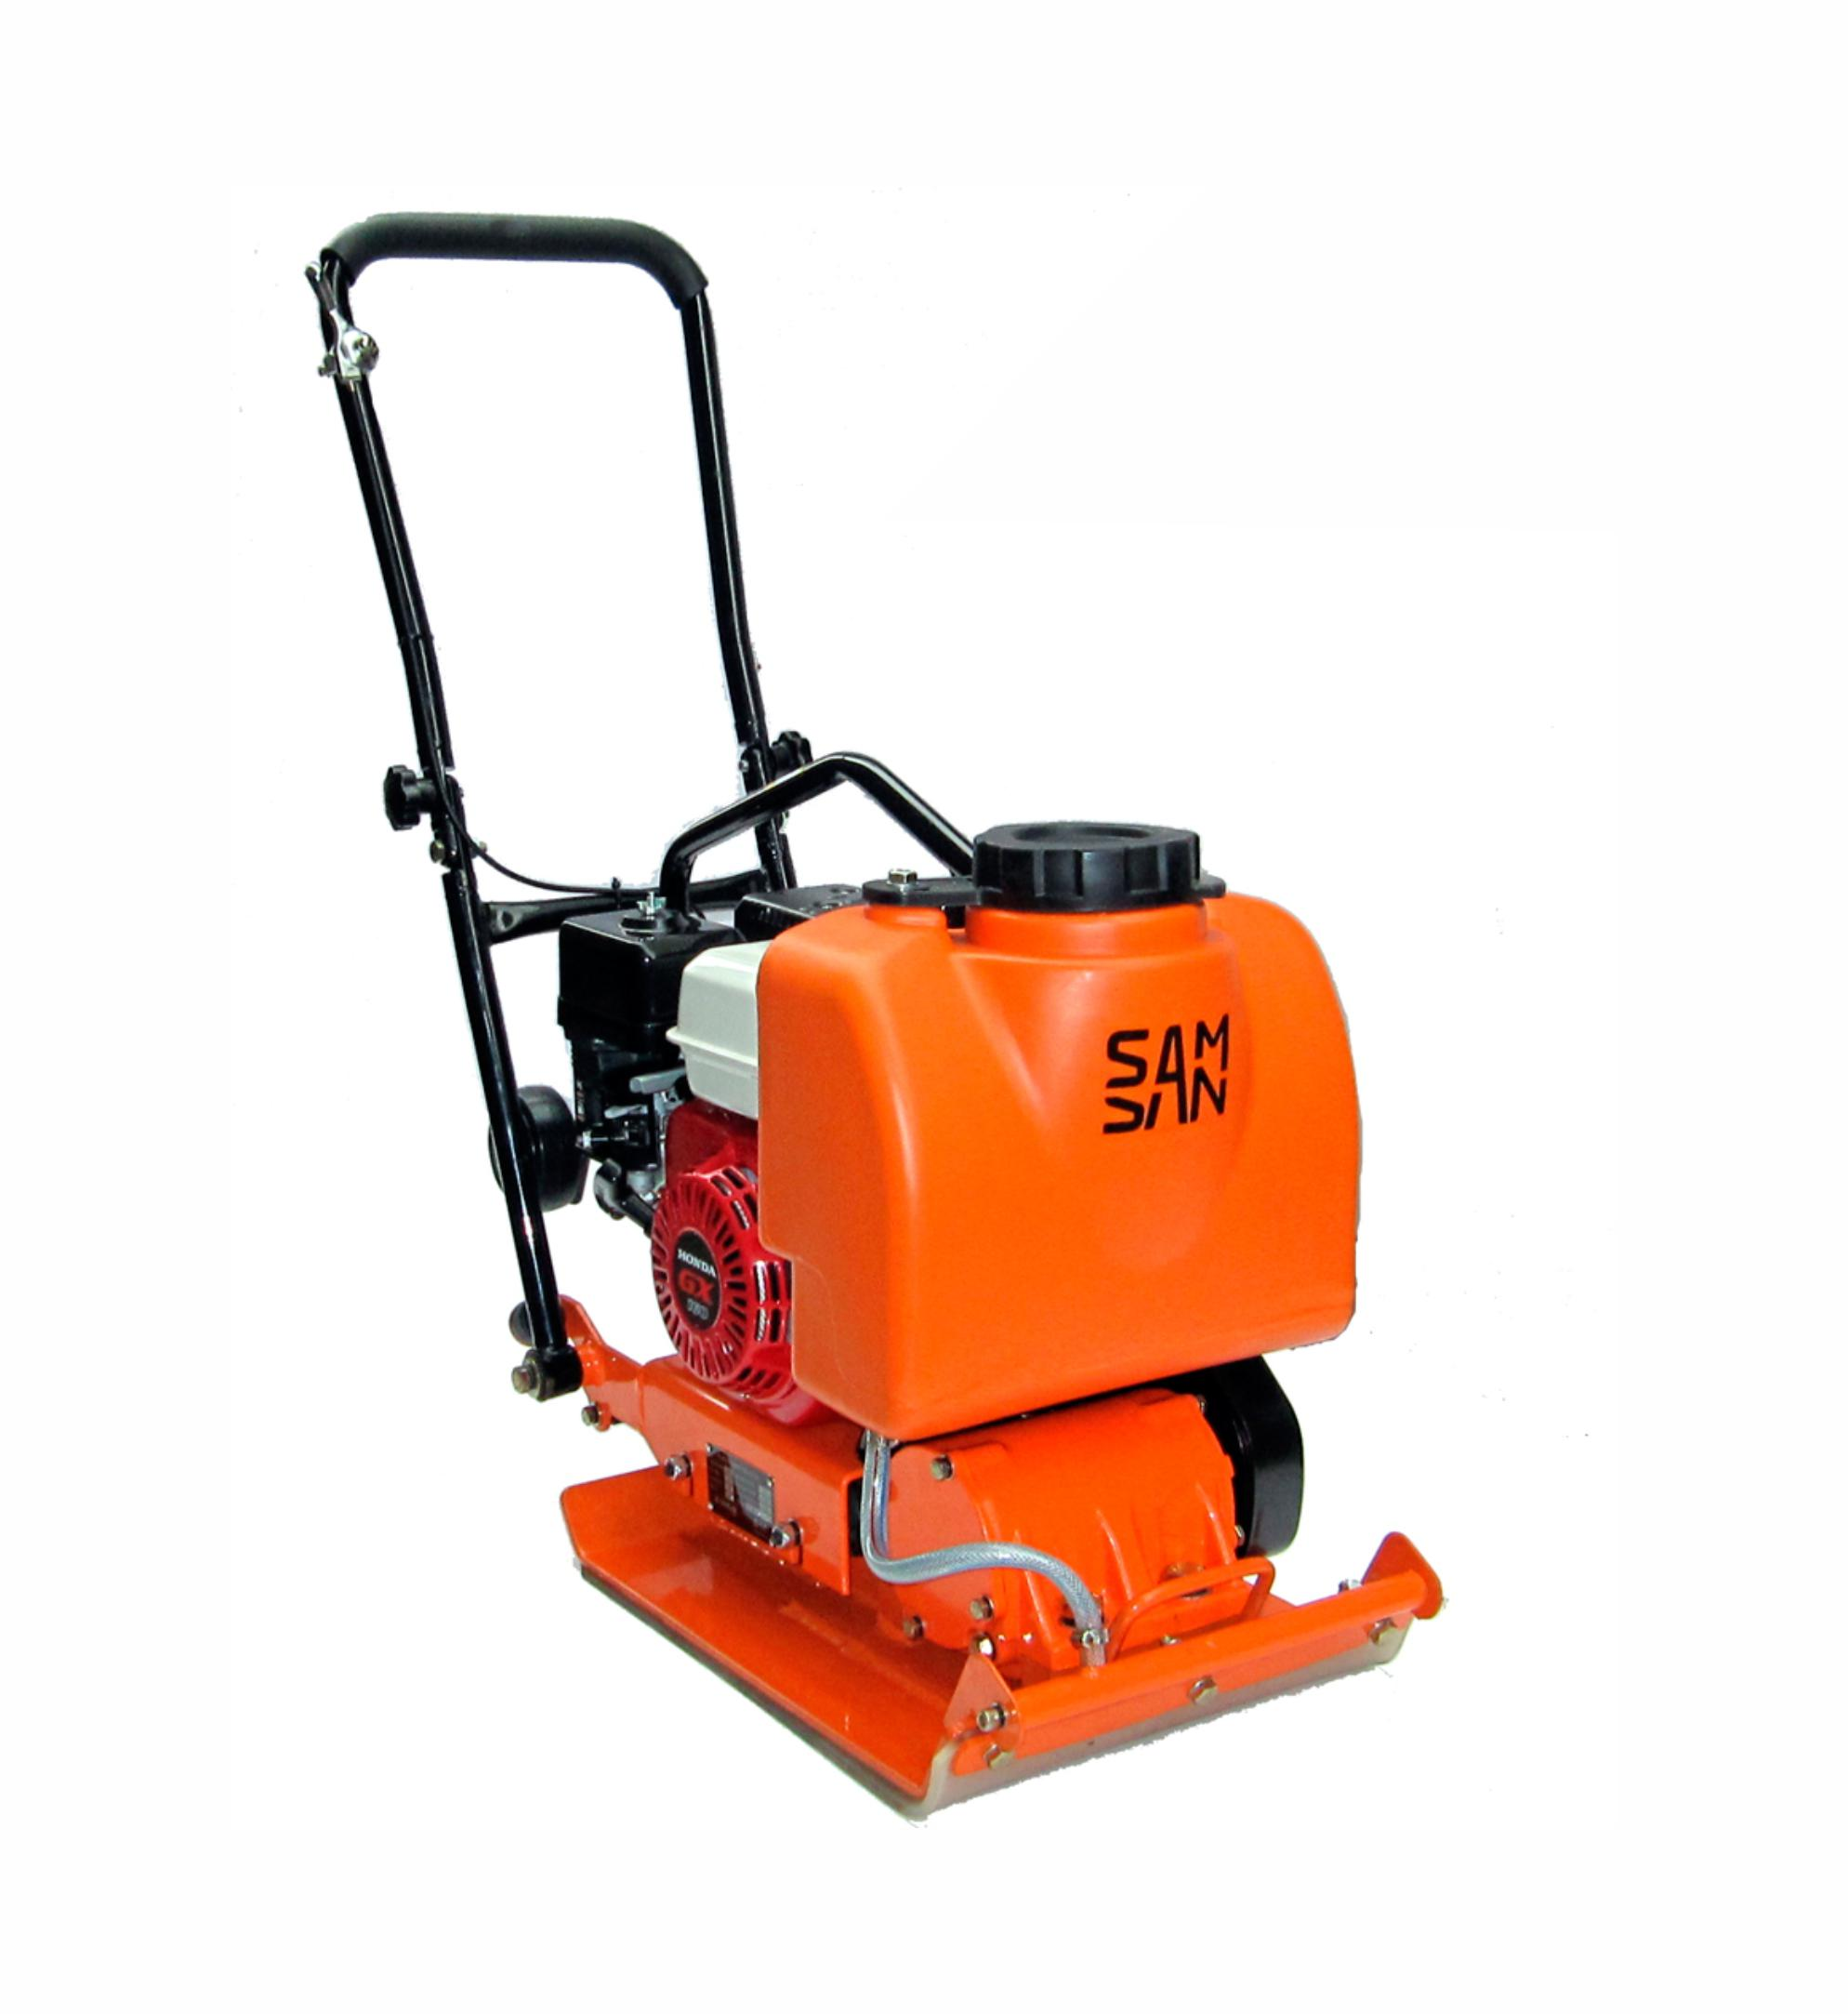 Виброплита Samsan Pc 162-24 лезвие для виброрейки samsan 4300 мм